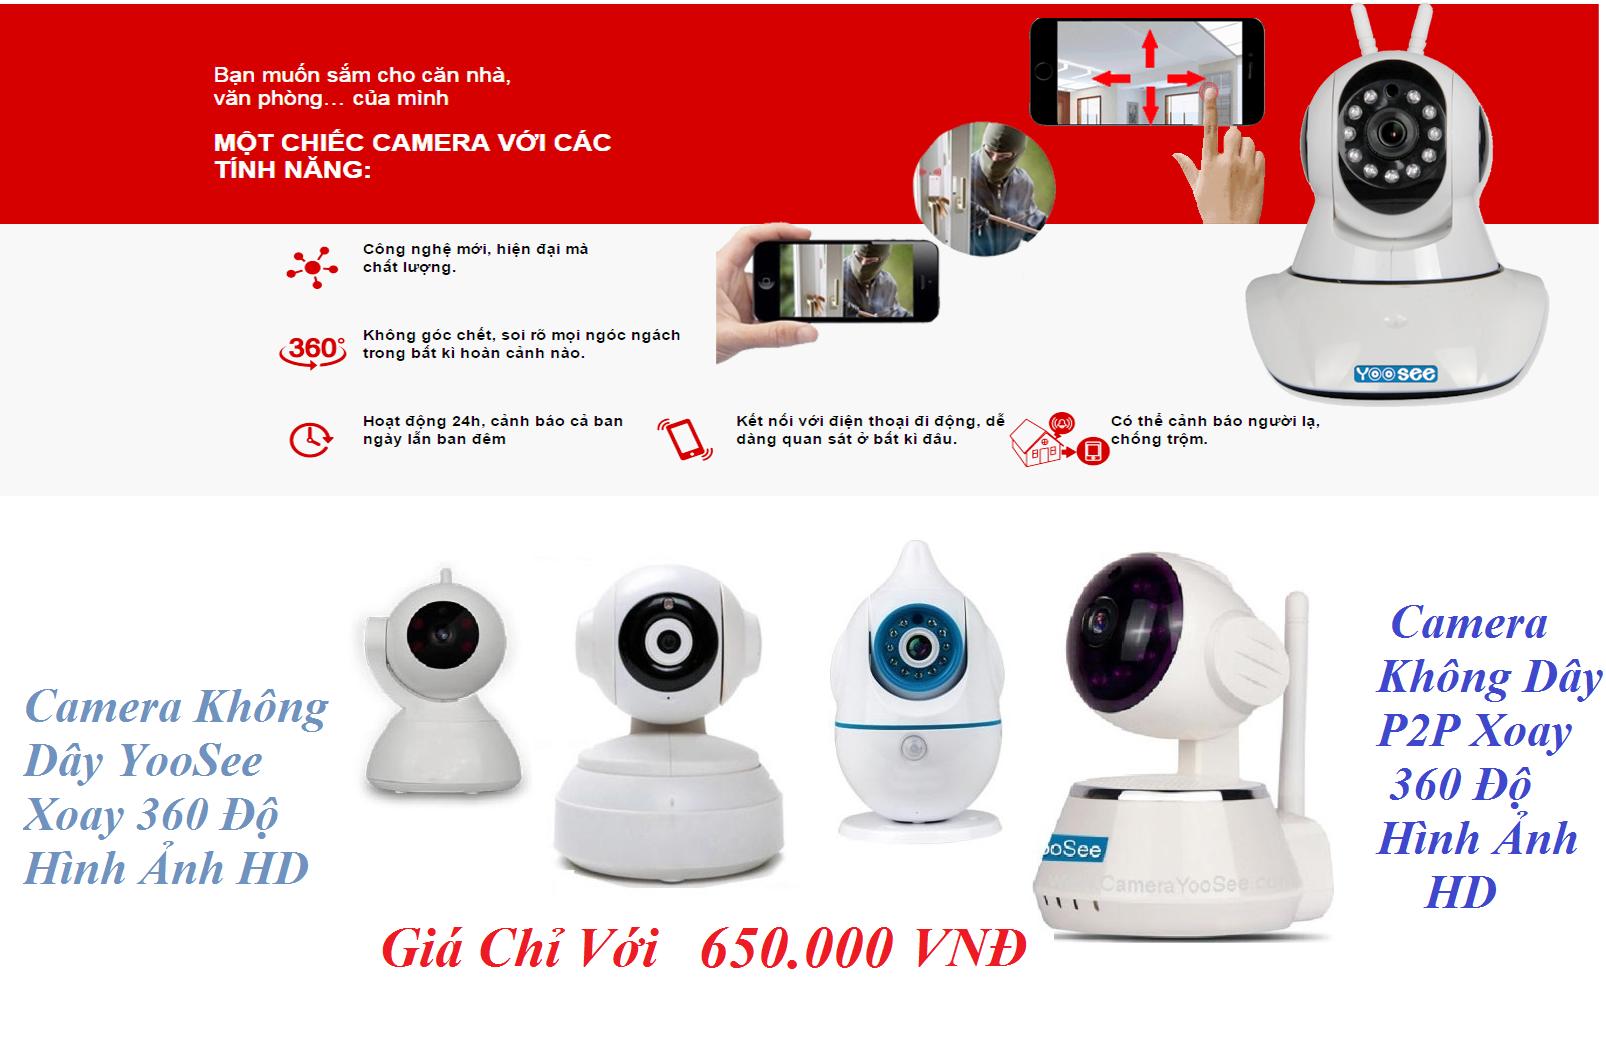 Bán camera wifi - không dây giá rẻ tại Hà Nội